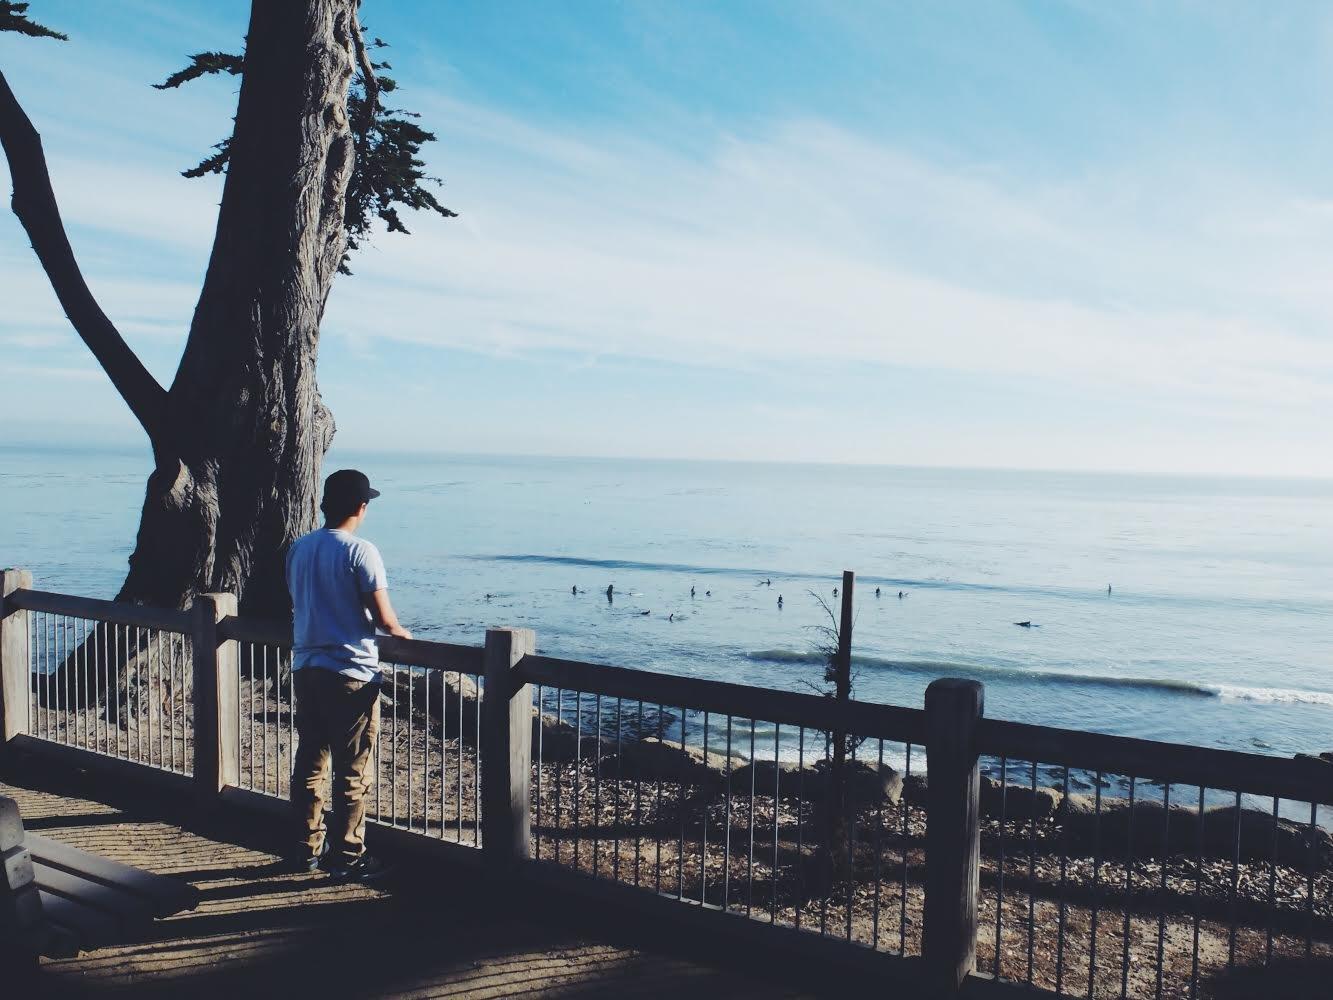 Santa Cruz - Promenade